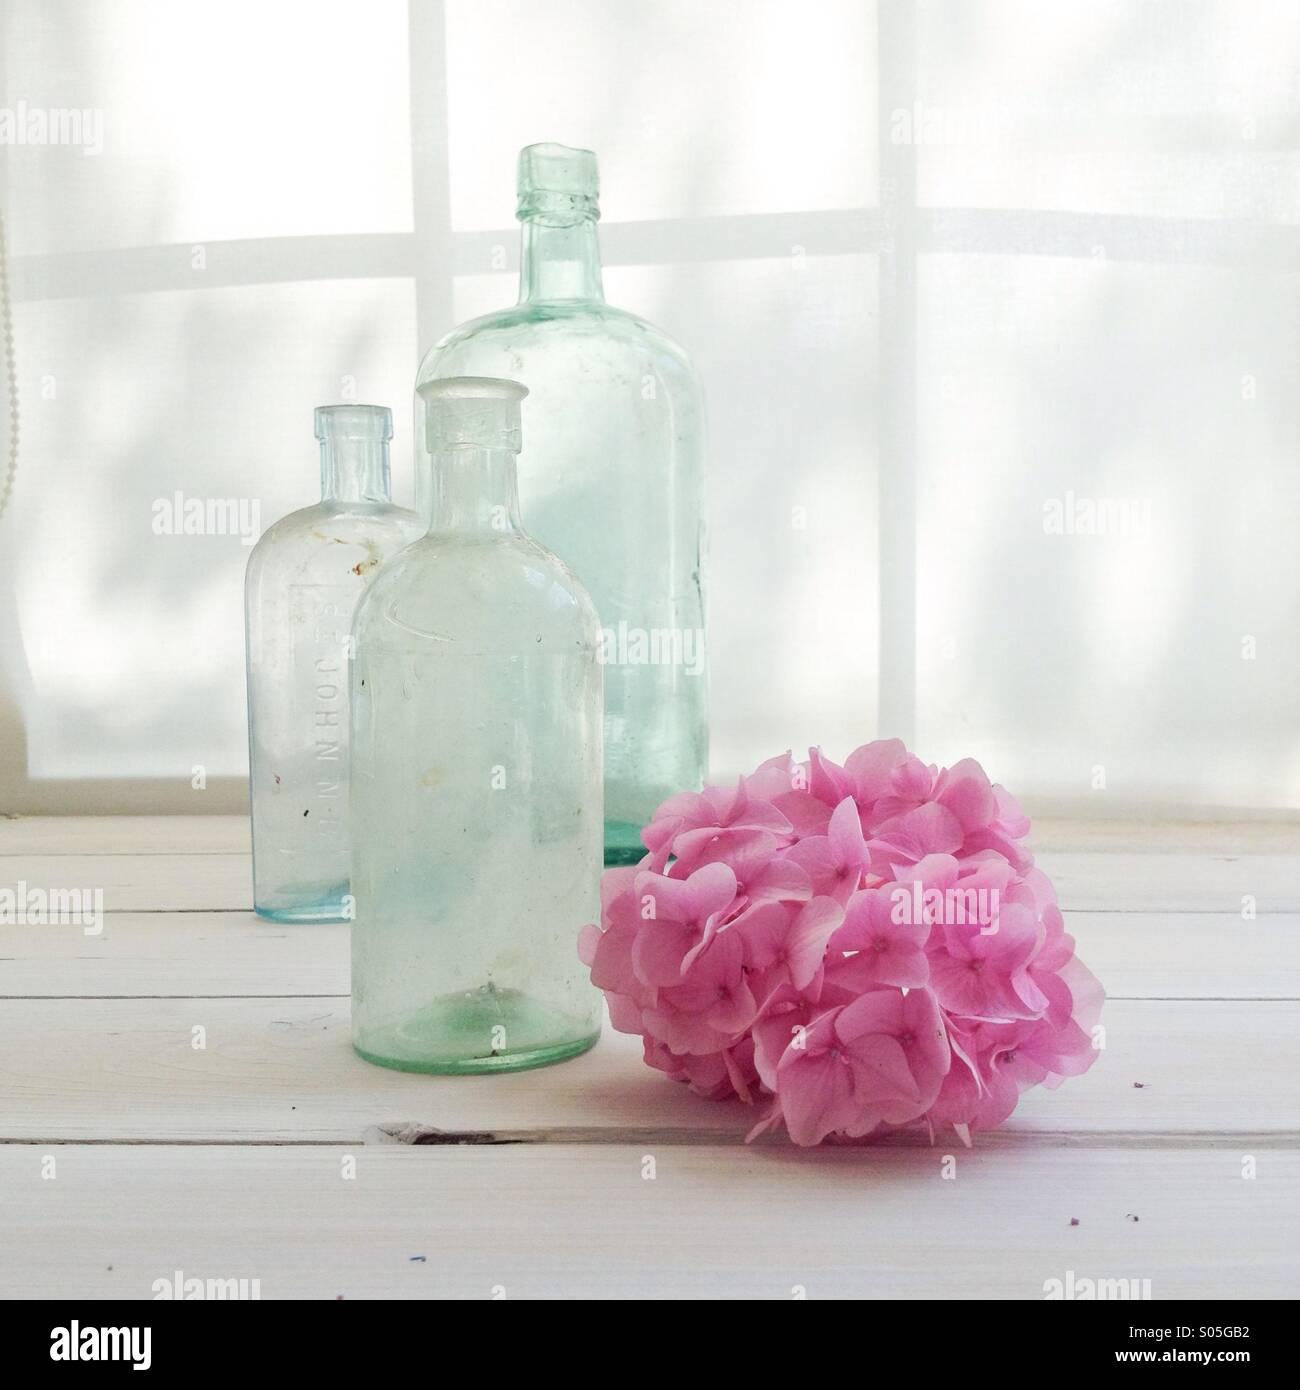 Vintage botellas de vidrio con rosa hortensia sobre el alféizar de la ventana bañado con luz Imagen De Stock